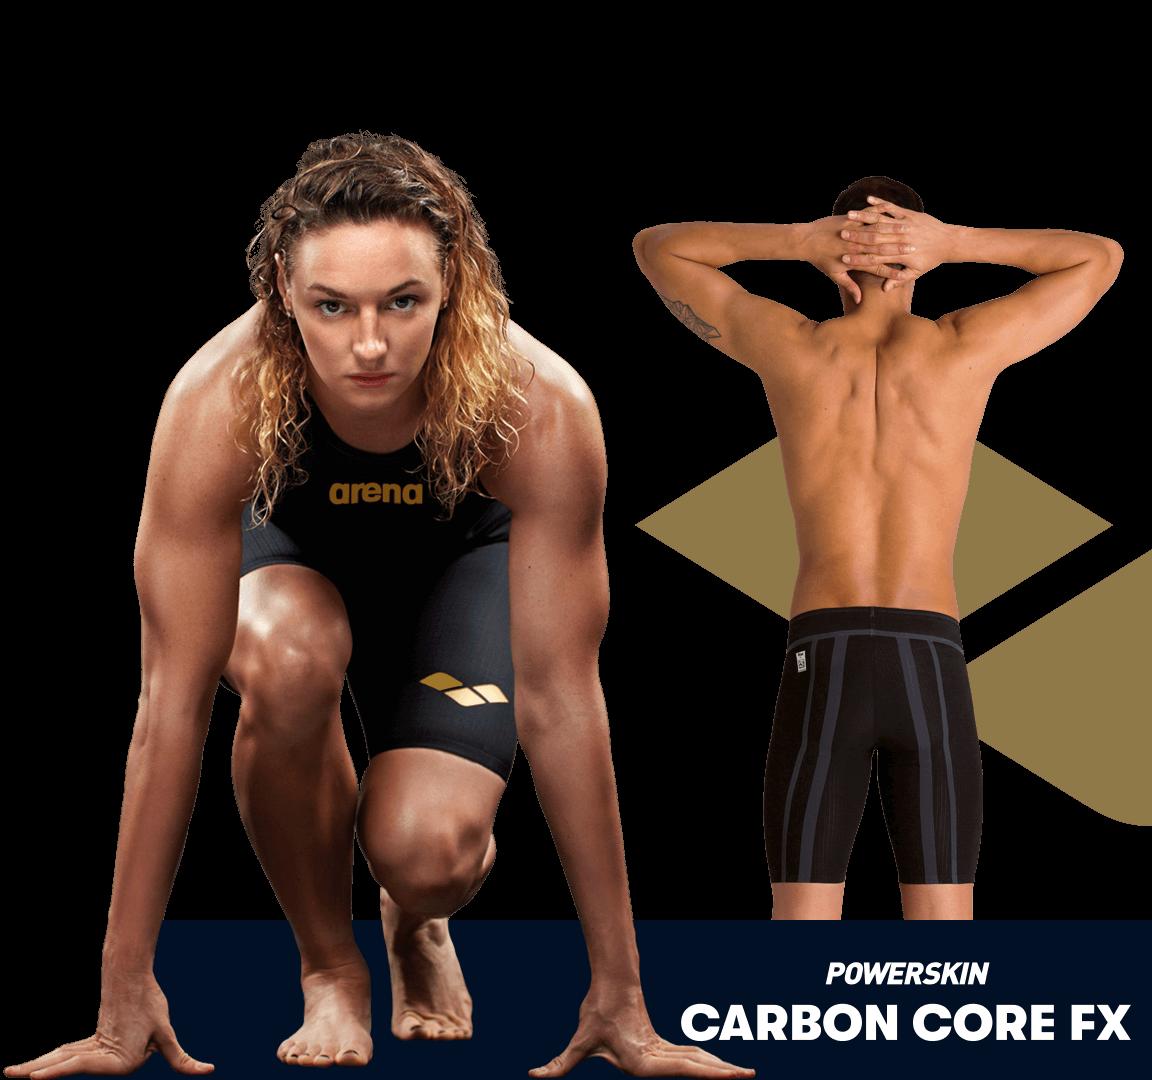 Bañador de competición arena Powerskin Carbon Core Fx